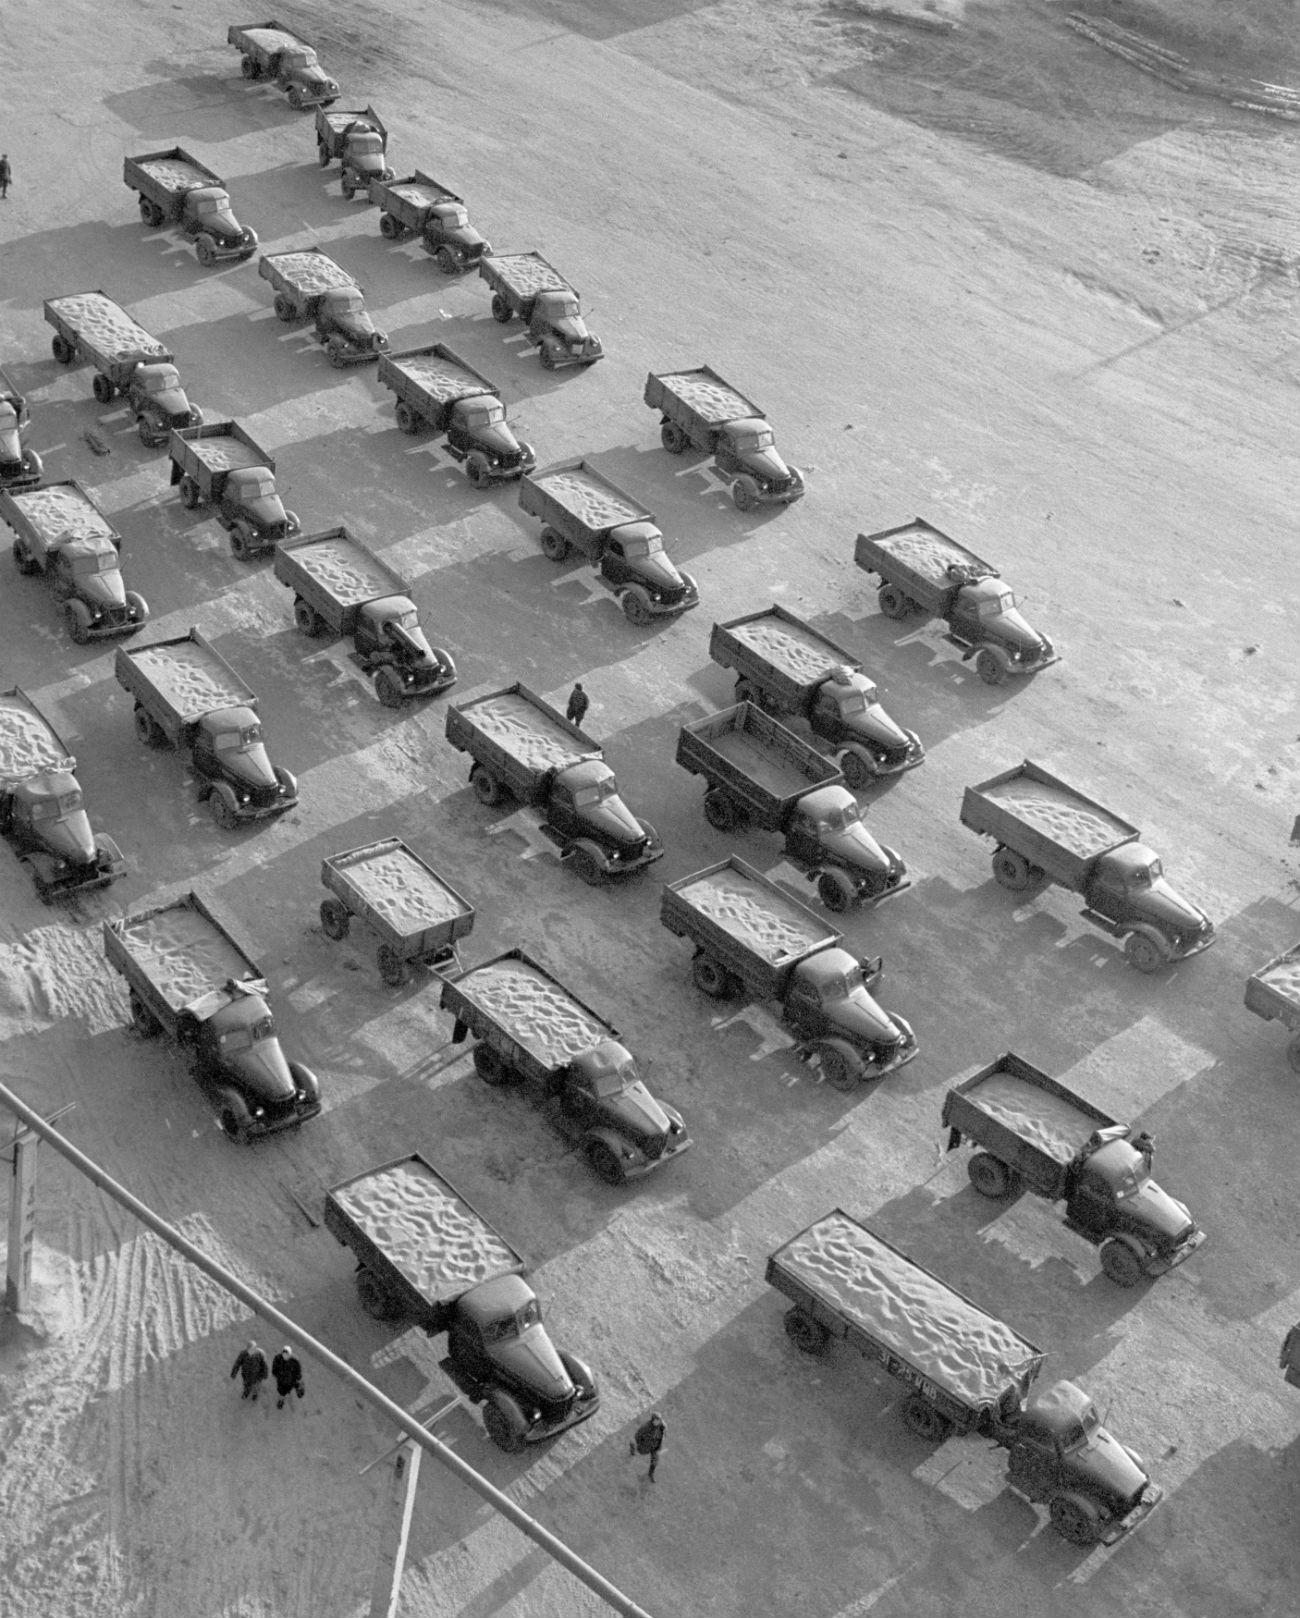 Казашка ССР, СССР. Колона камиони полни со жито од Девствените полиња. Извор: Владимир Давидов/ТАСС